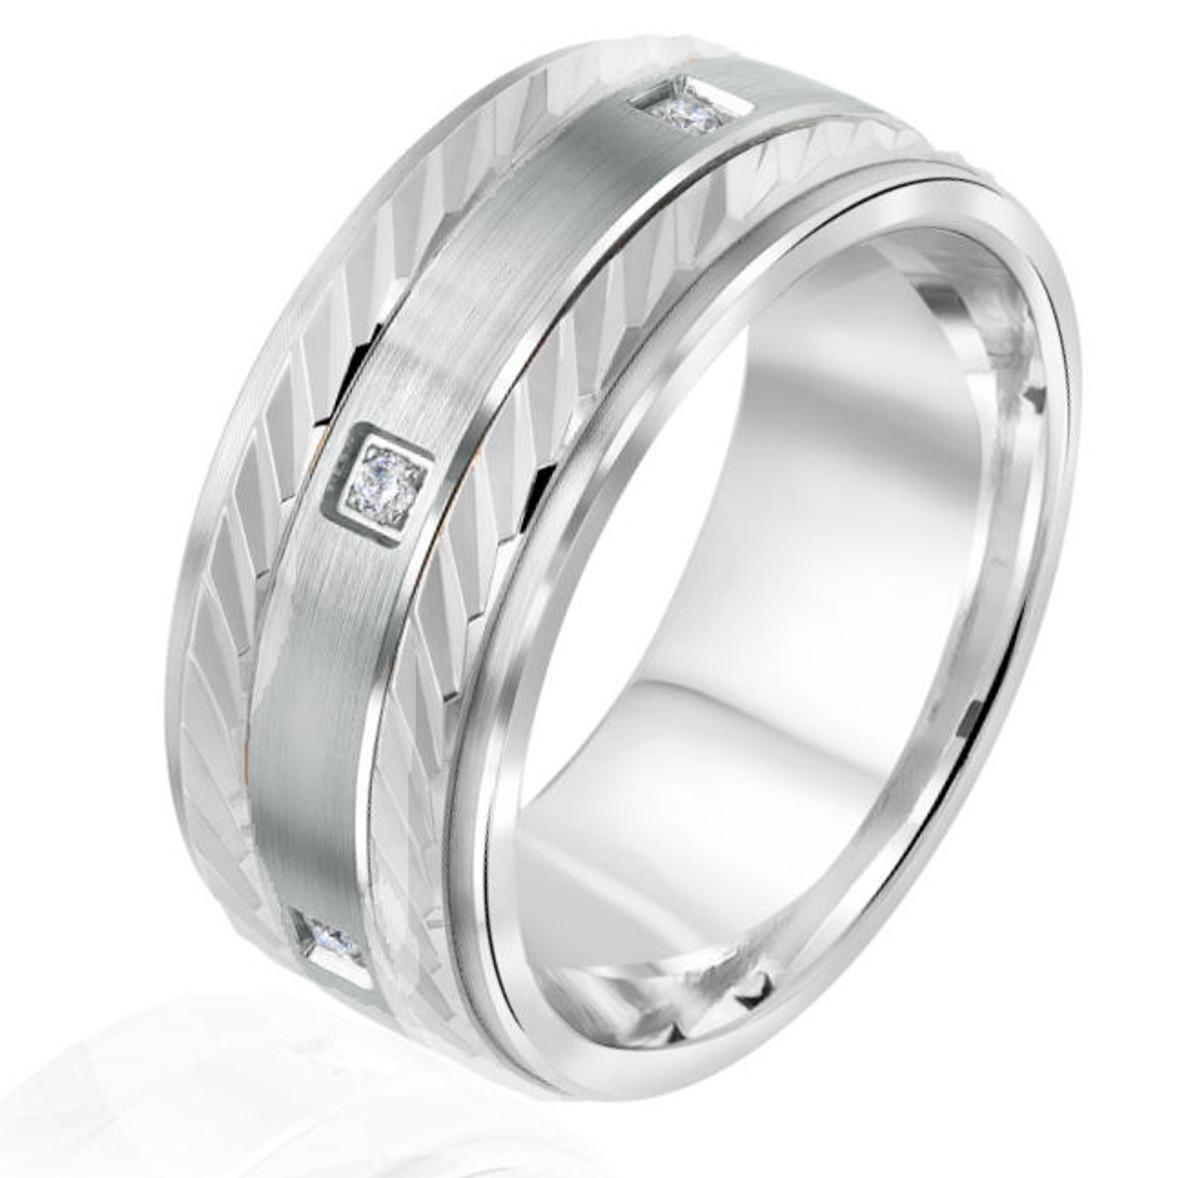 White Gold Princess Cut Wedding Ring